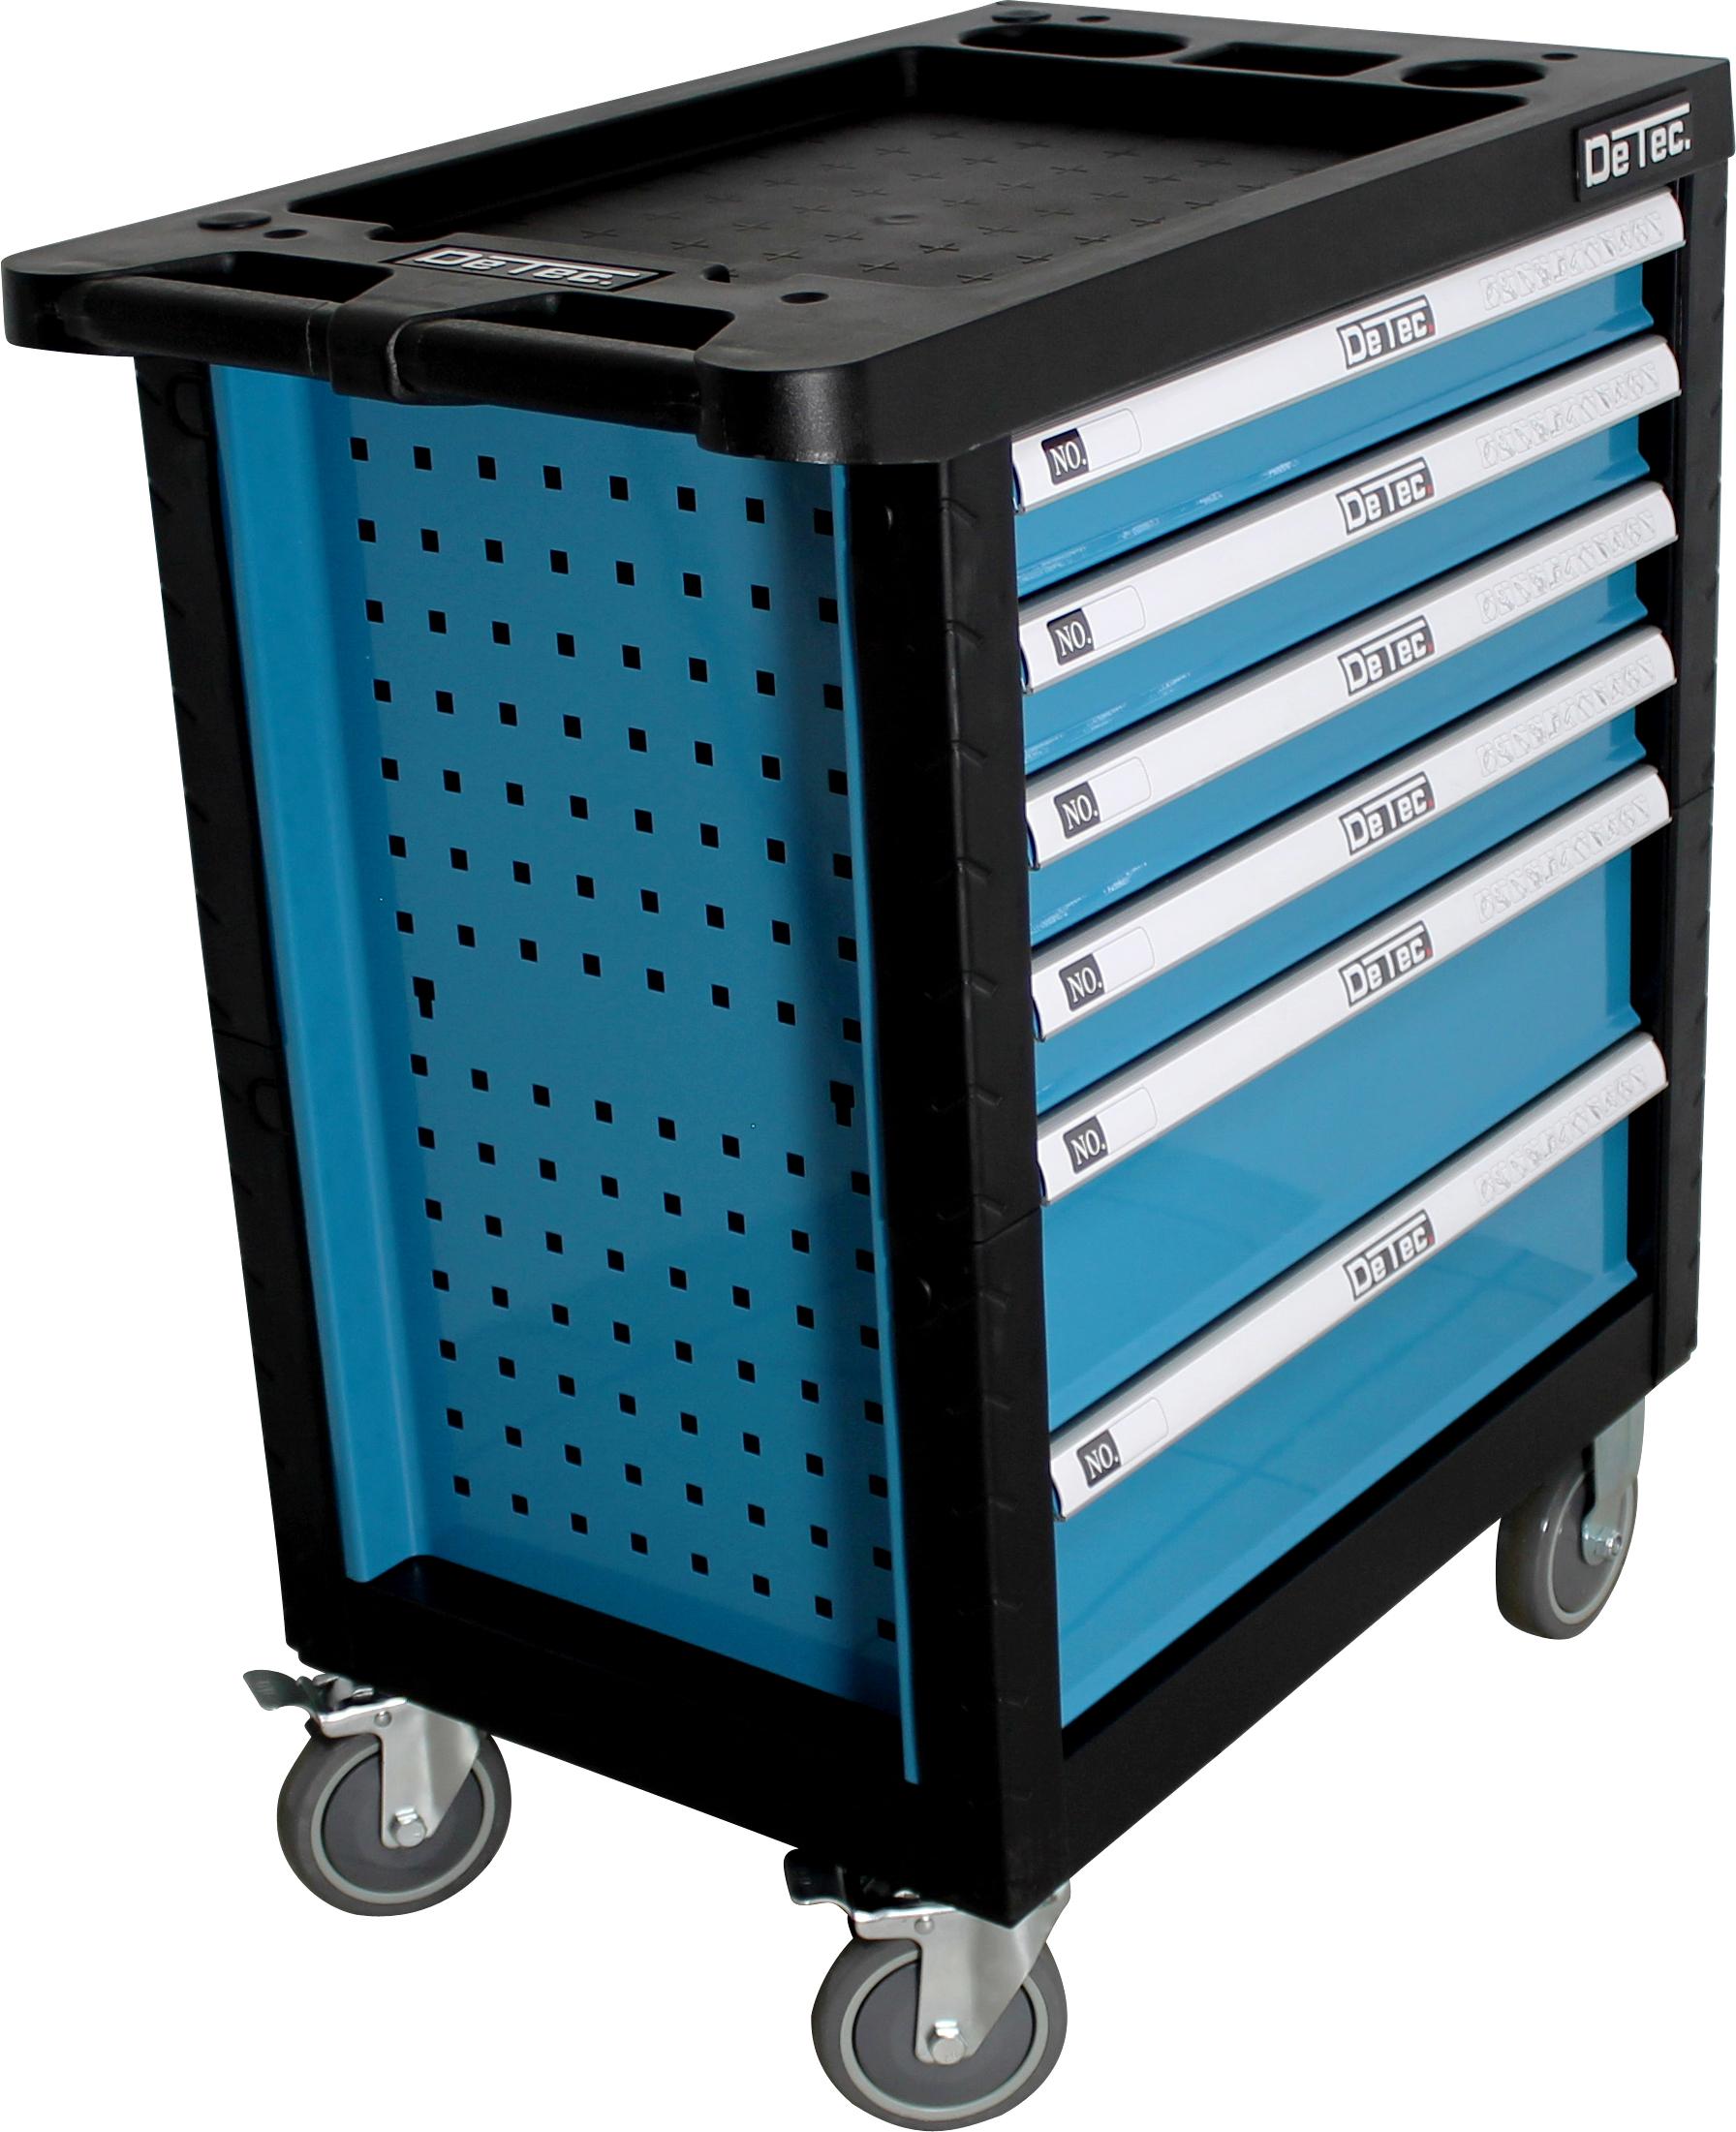 werkstattwagen mit werkzeug werkzeugwagen werkzeugschrank. Black Bedroom Furniture Sets. Home Design Ideas